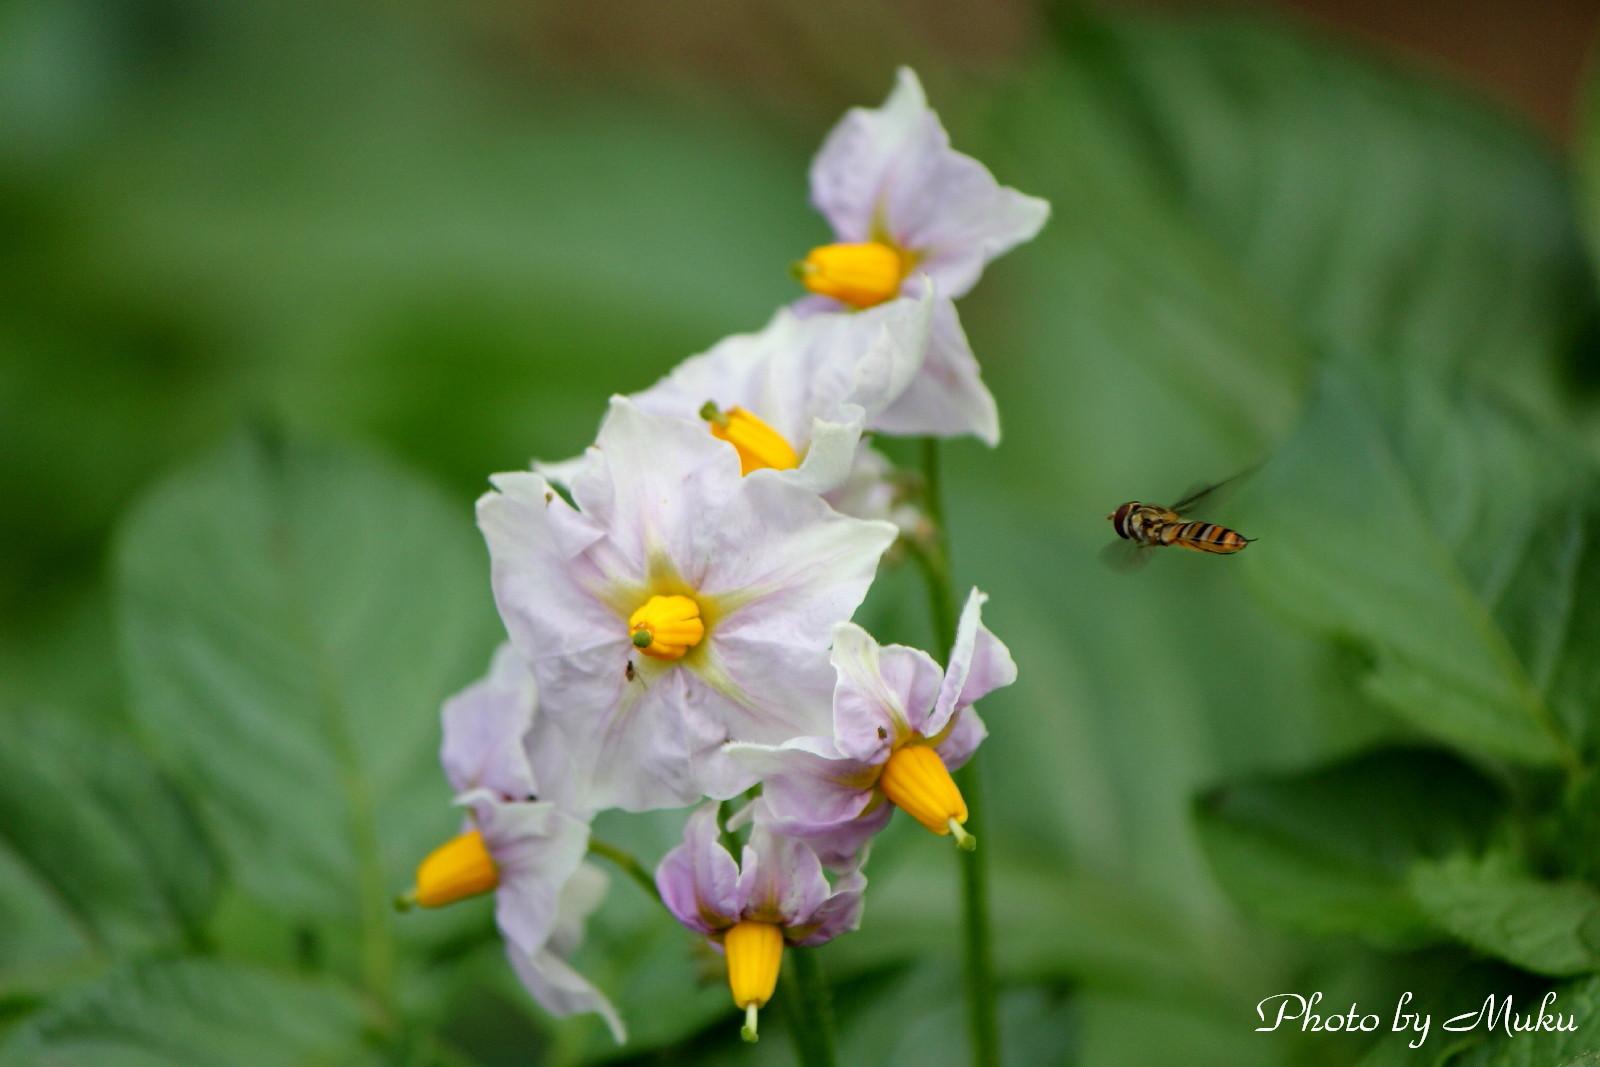 2014/05/12 馬鈴薯の花 (散歩道:神奈川県横須賀市)